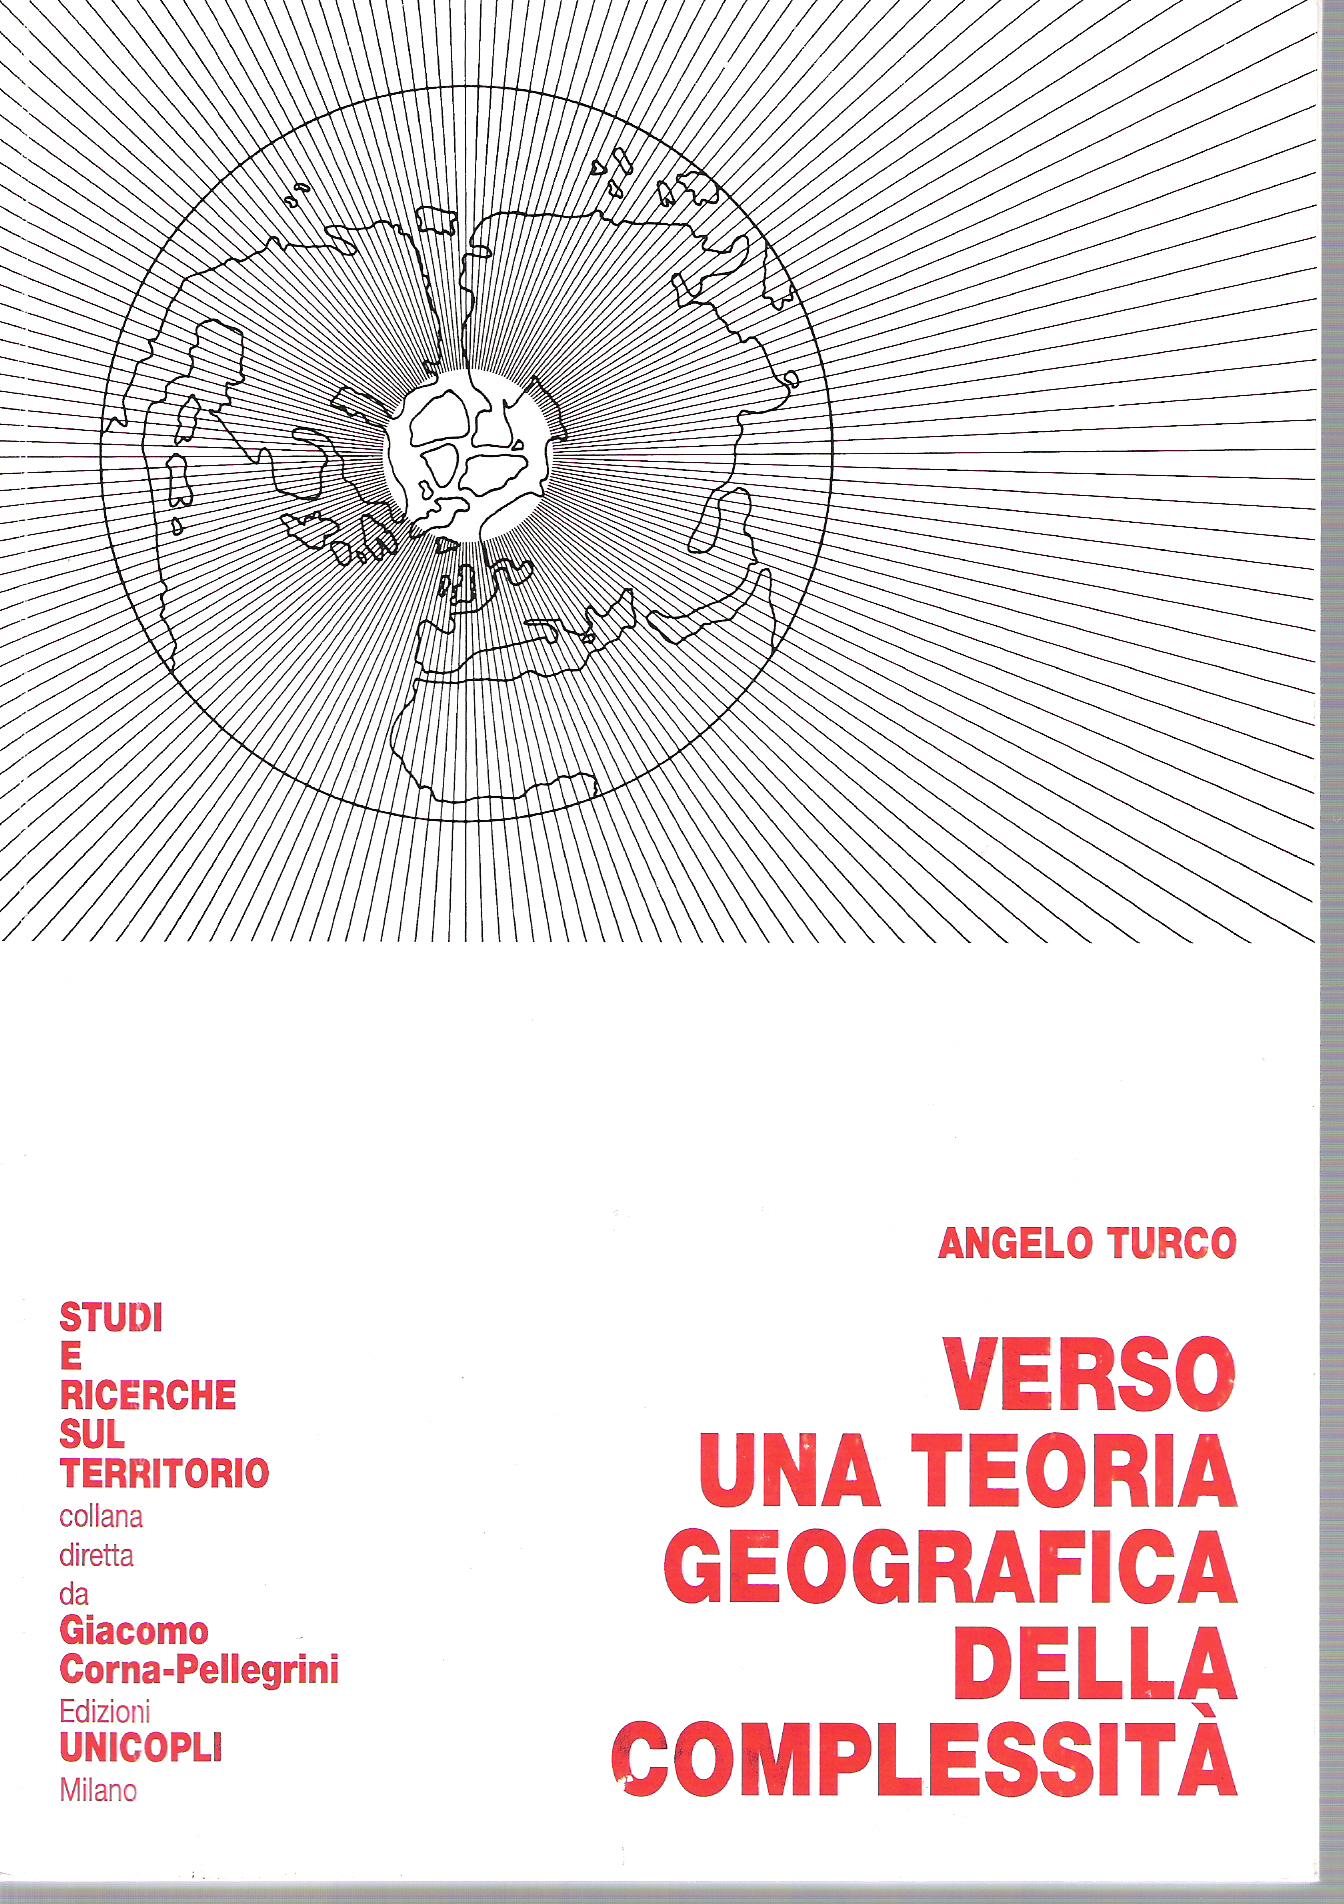 Verso una teoria geografica della complessità